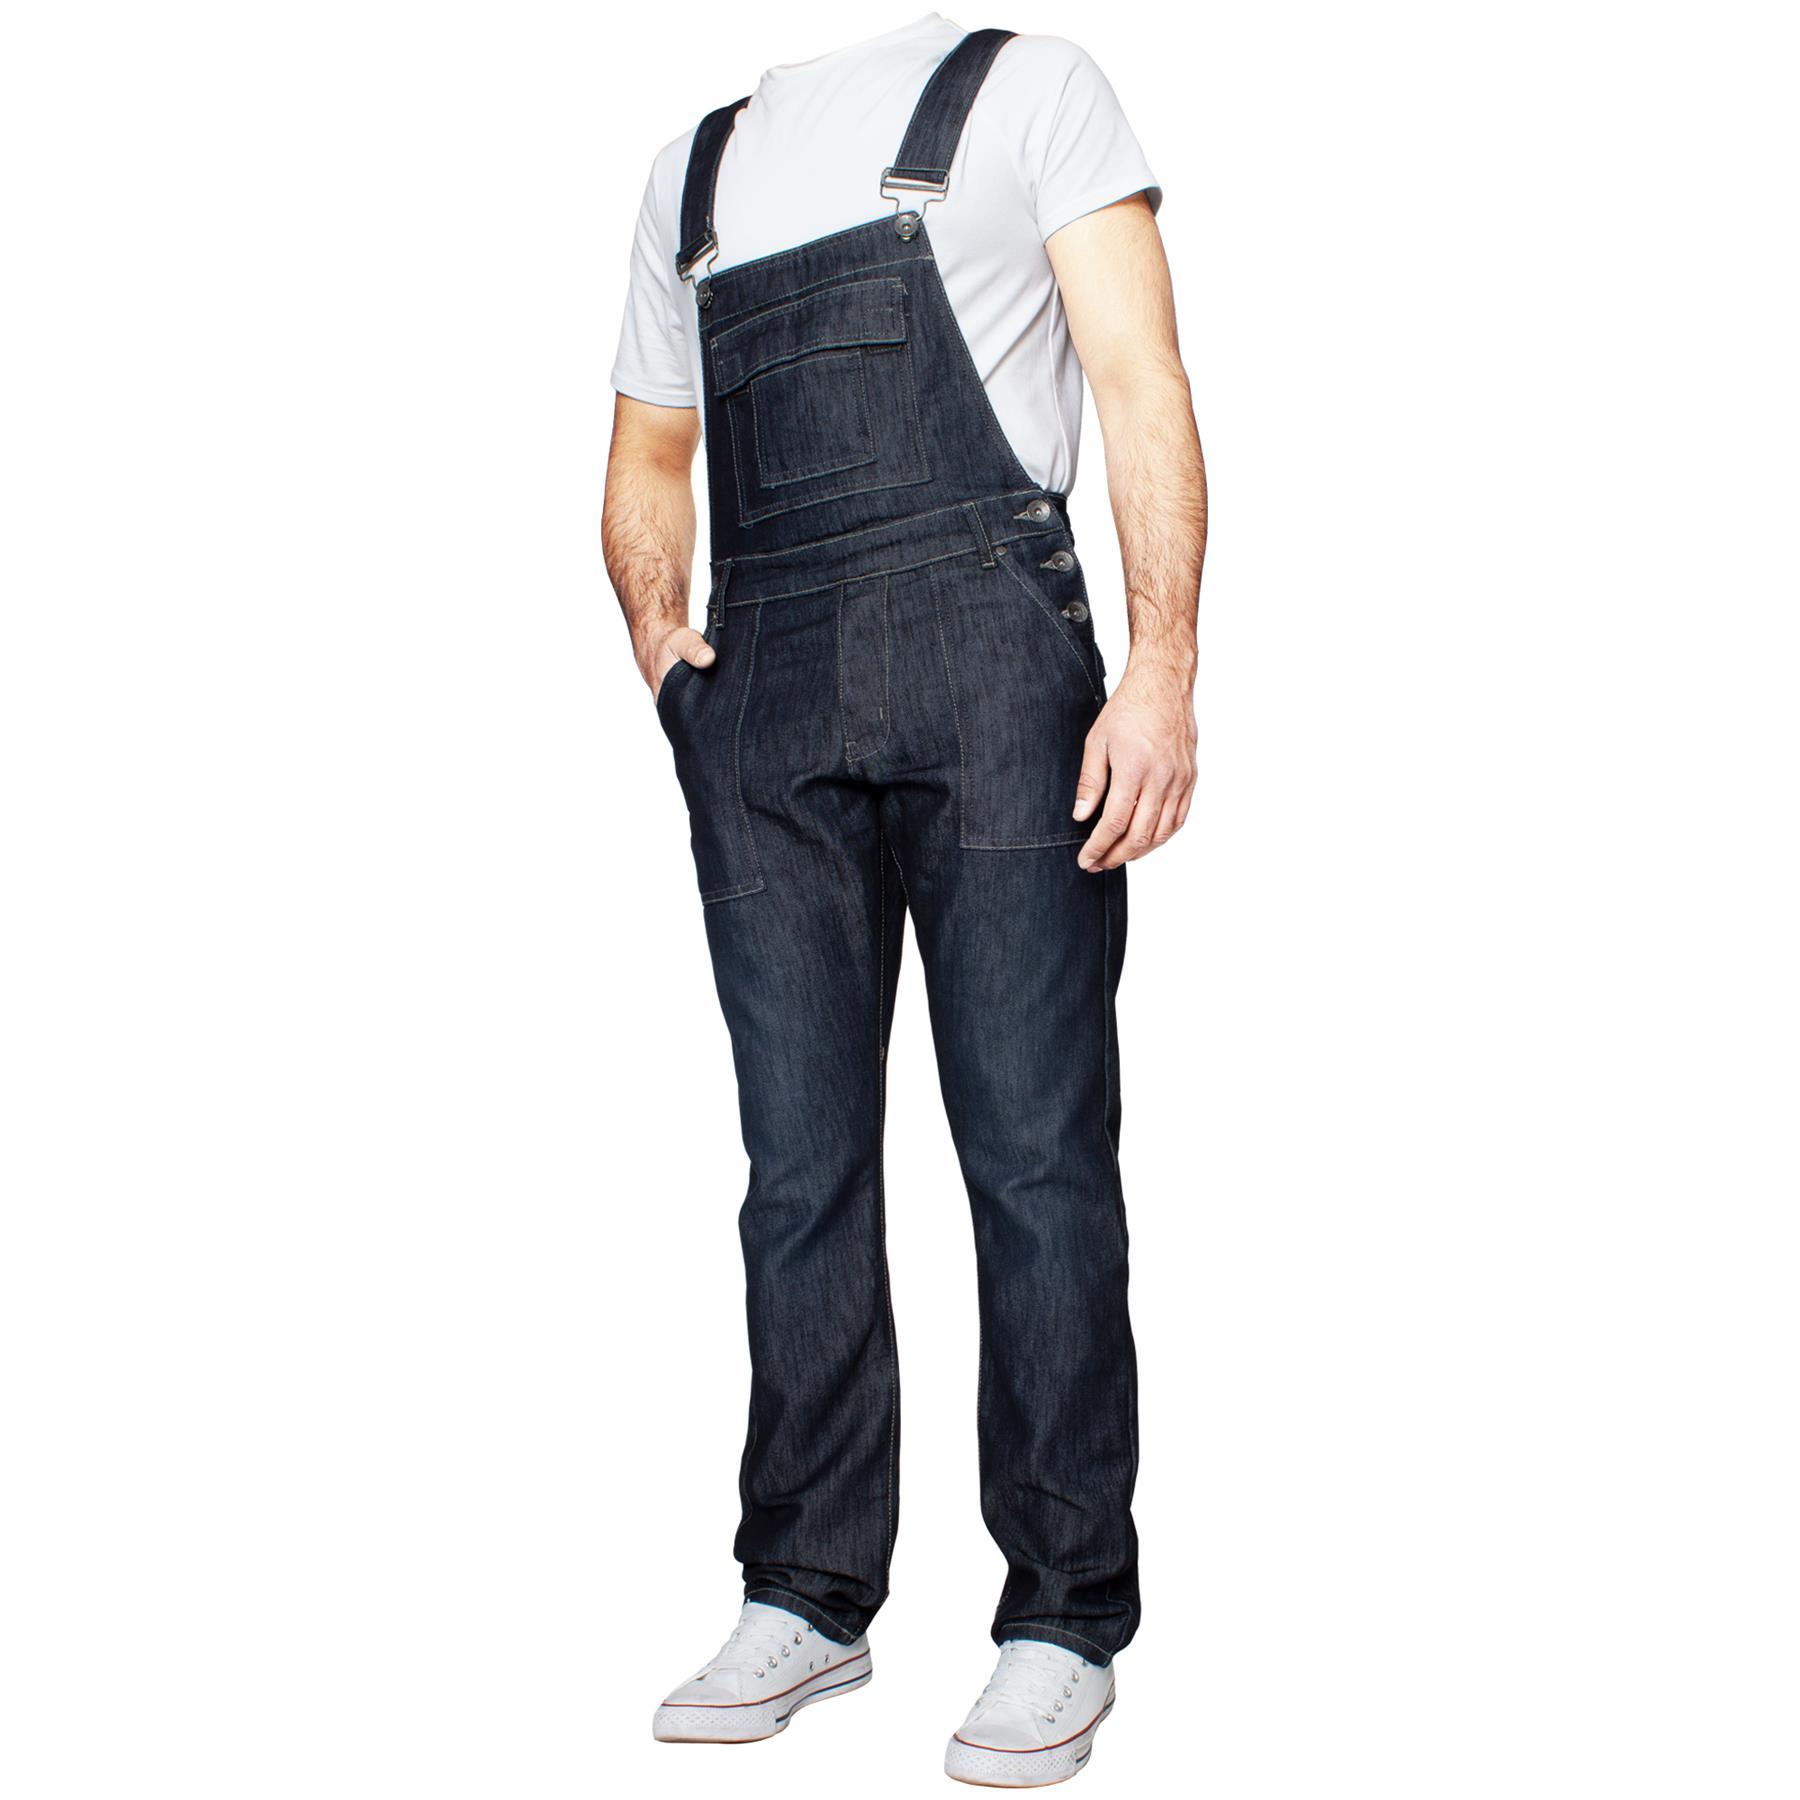 ENZO-Jeans-Hombre-Denim-Azul-Peto-Peto-overoles-Todas-Cinturas-Talla-30-034-50-034 miniatura 18